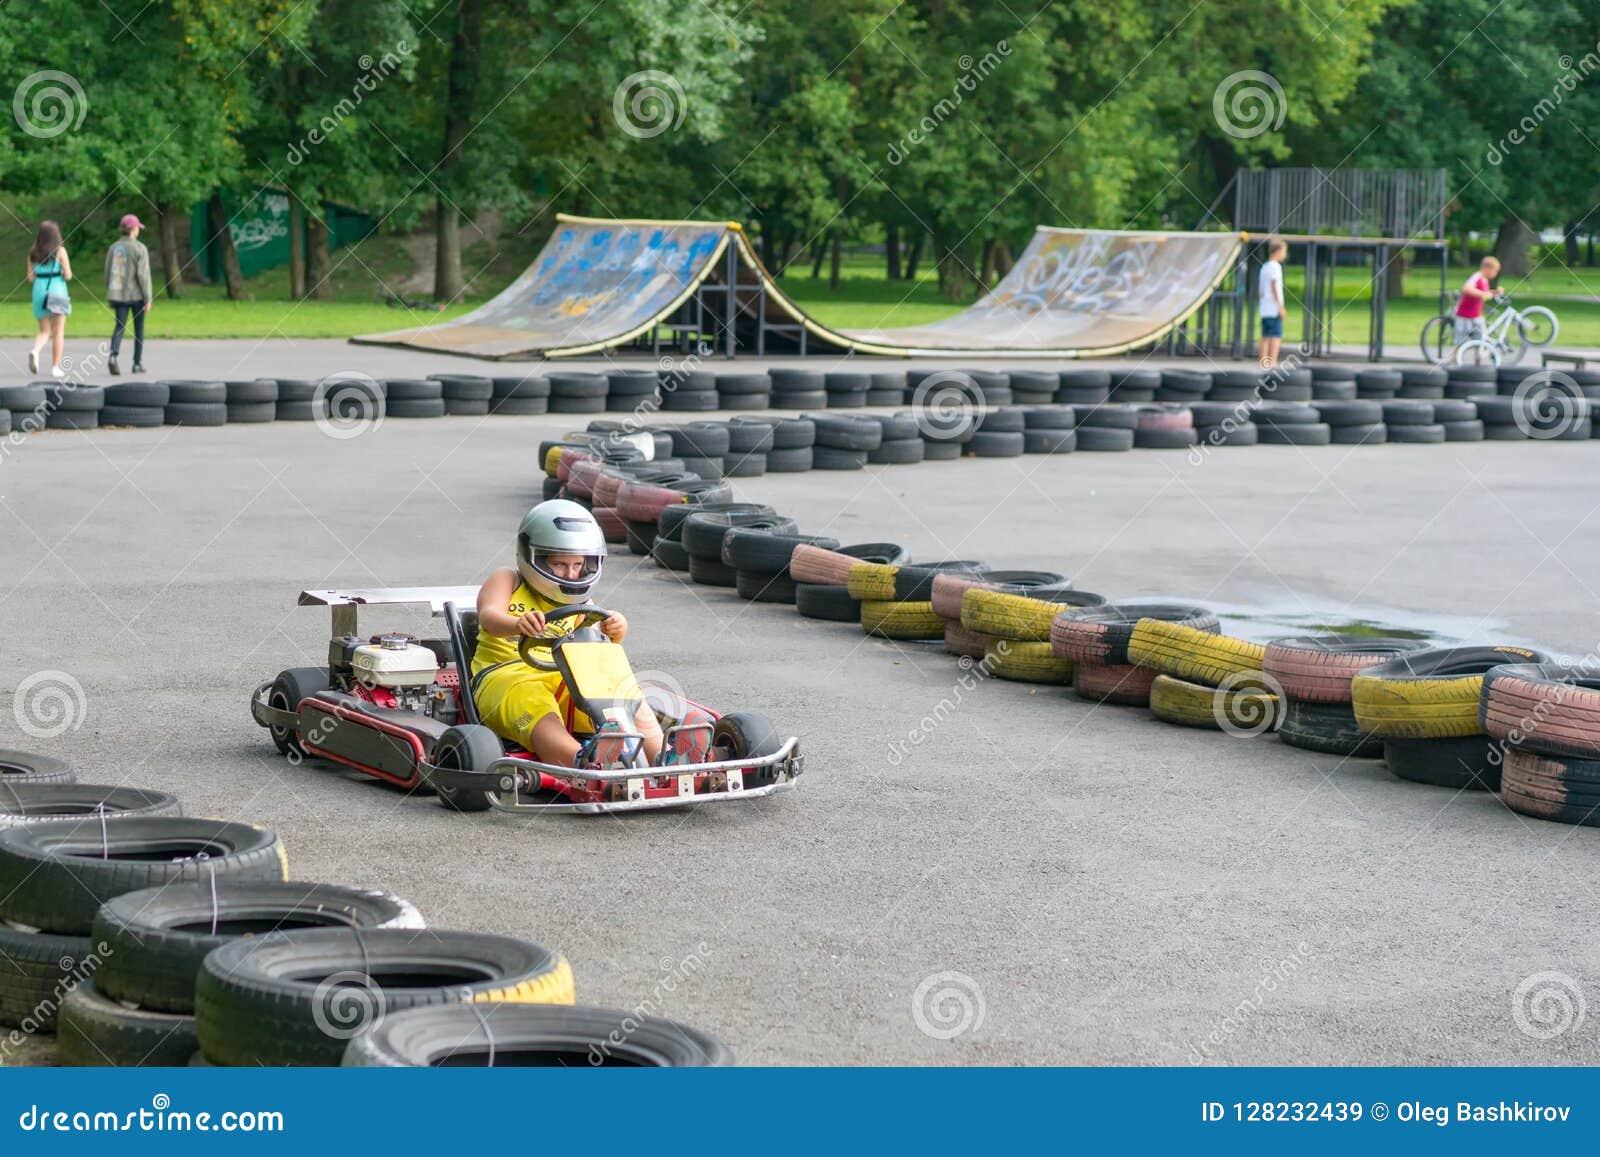 Brest, Weißrussland - 27. Juli 2018: Fahrer in kart tragendem Sturzhelm, Anzug laufend nehmen an kart Rennen teil